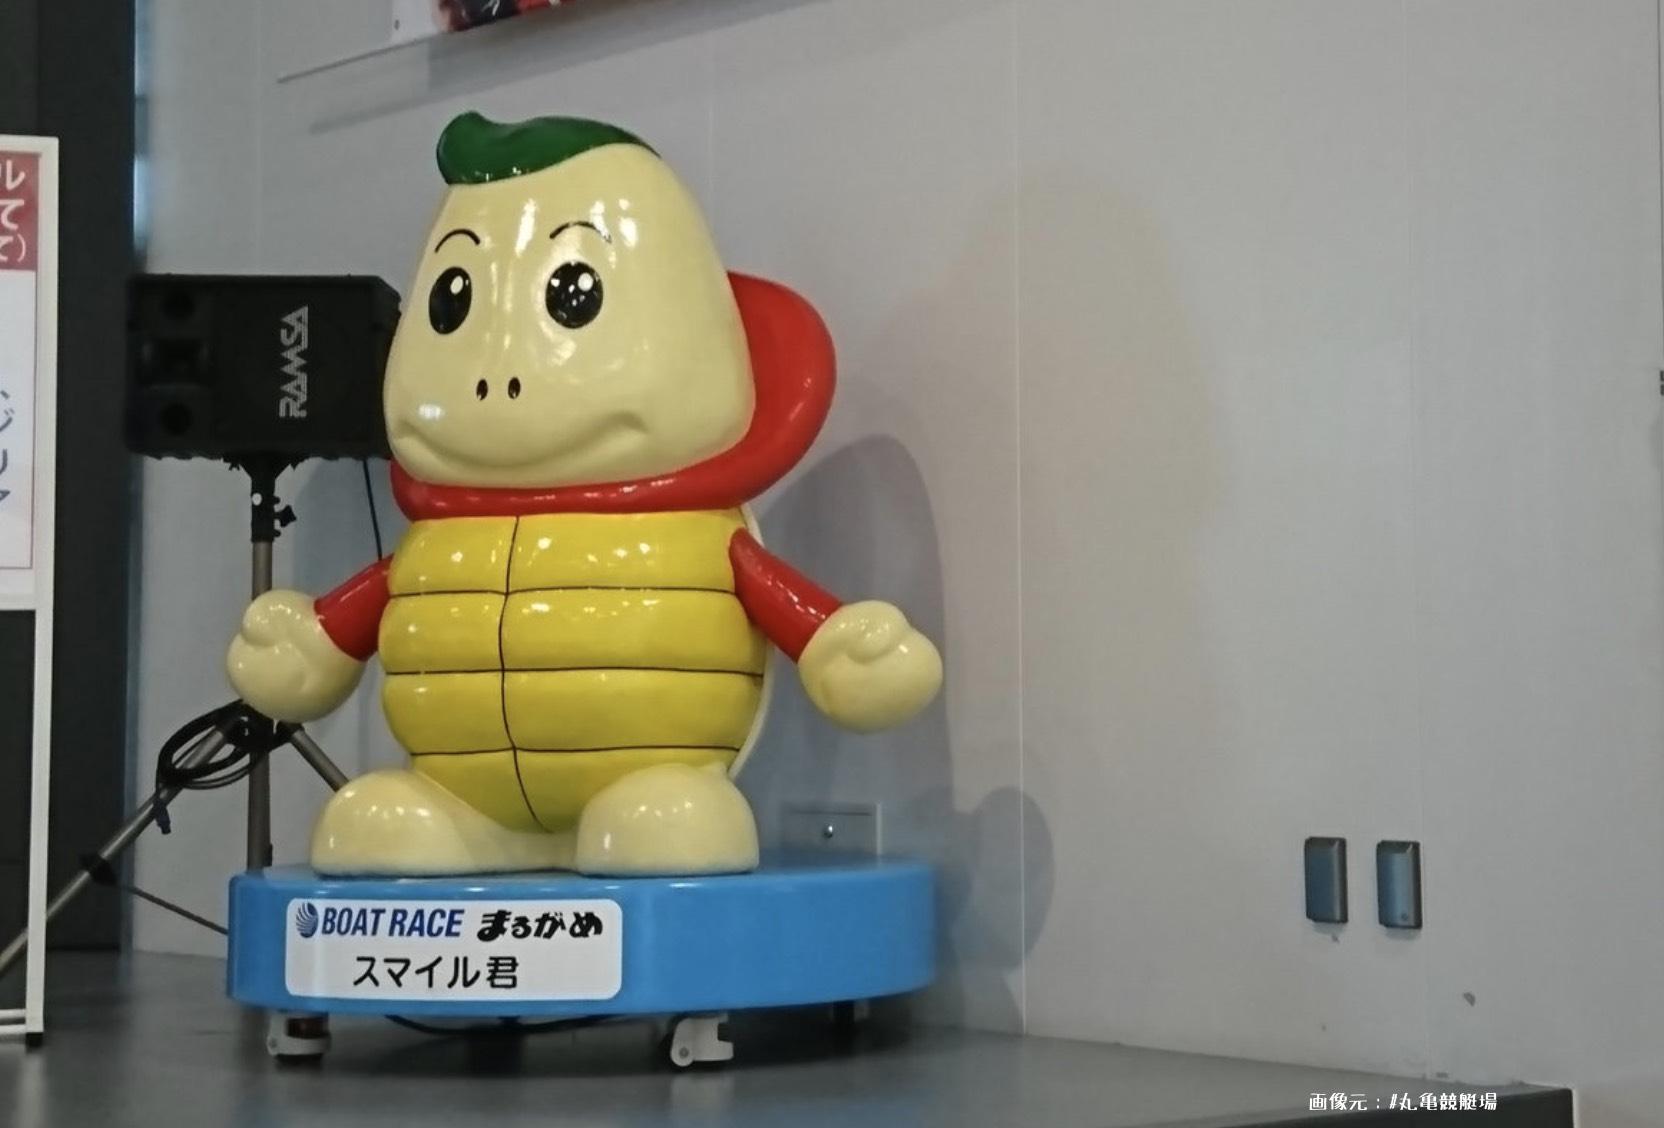 丸亀競艇場のマスコットキャラクター、スマイルくんの画像